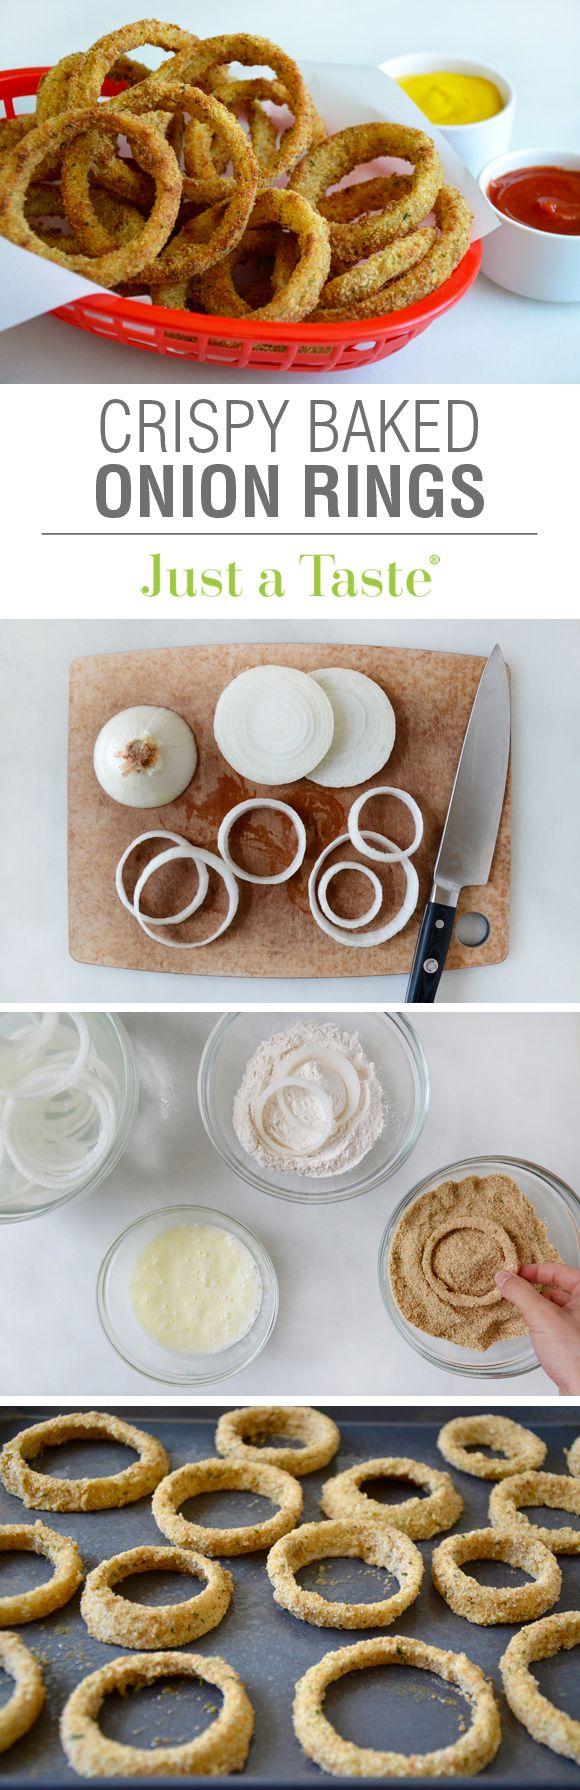 Crispy Baked Onion Rings #recipe via justataste.com